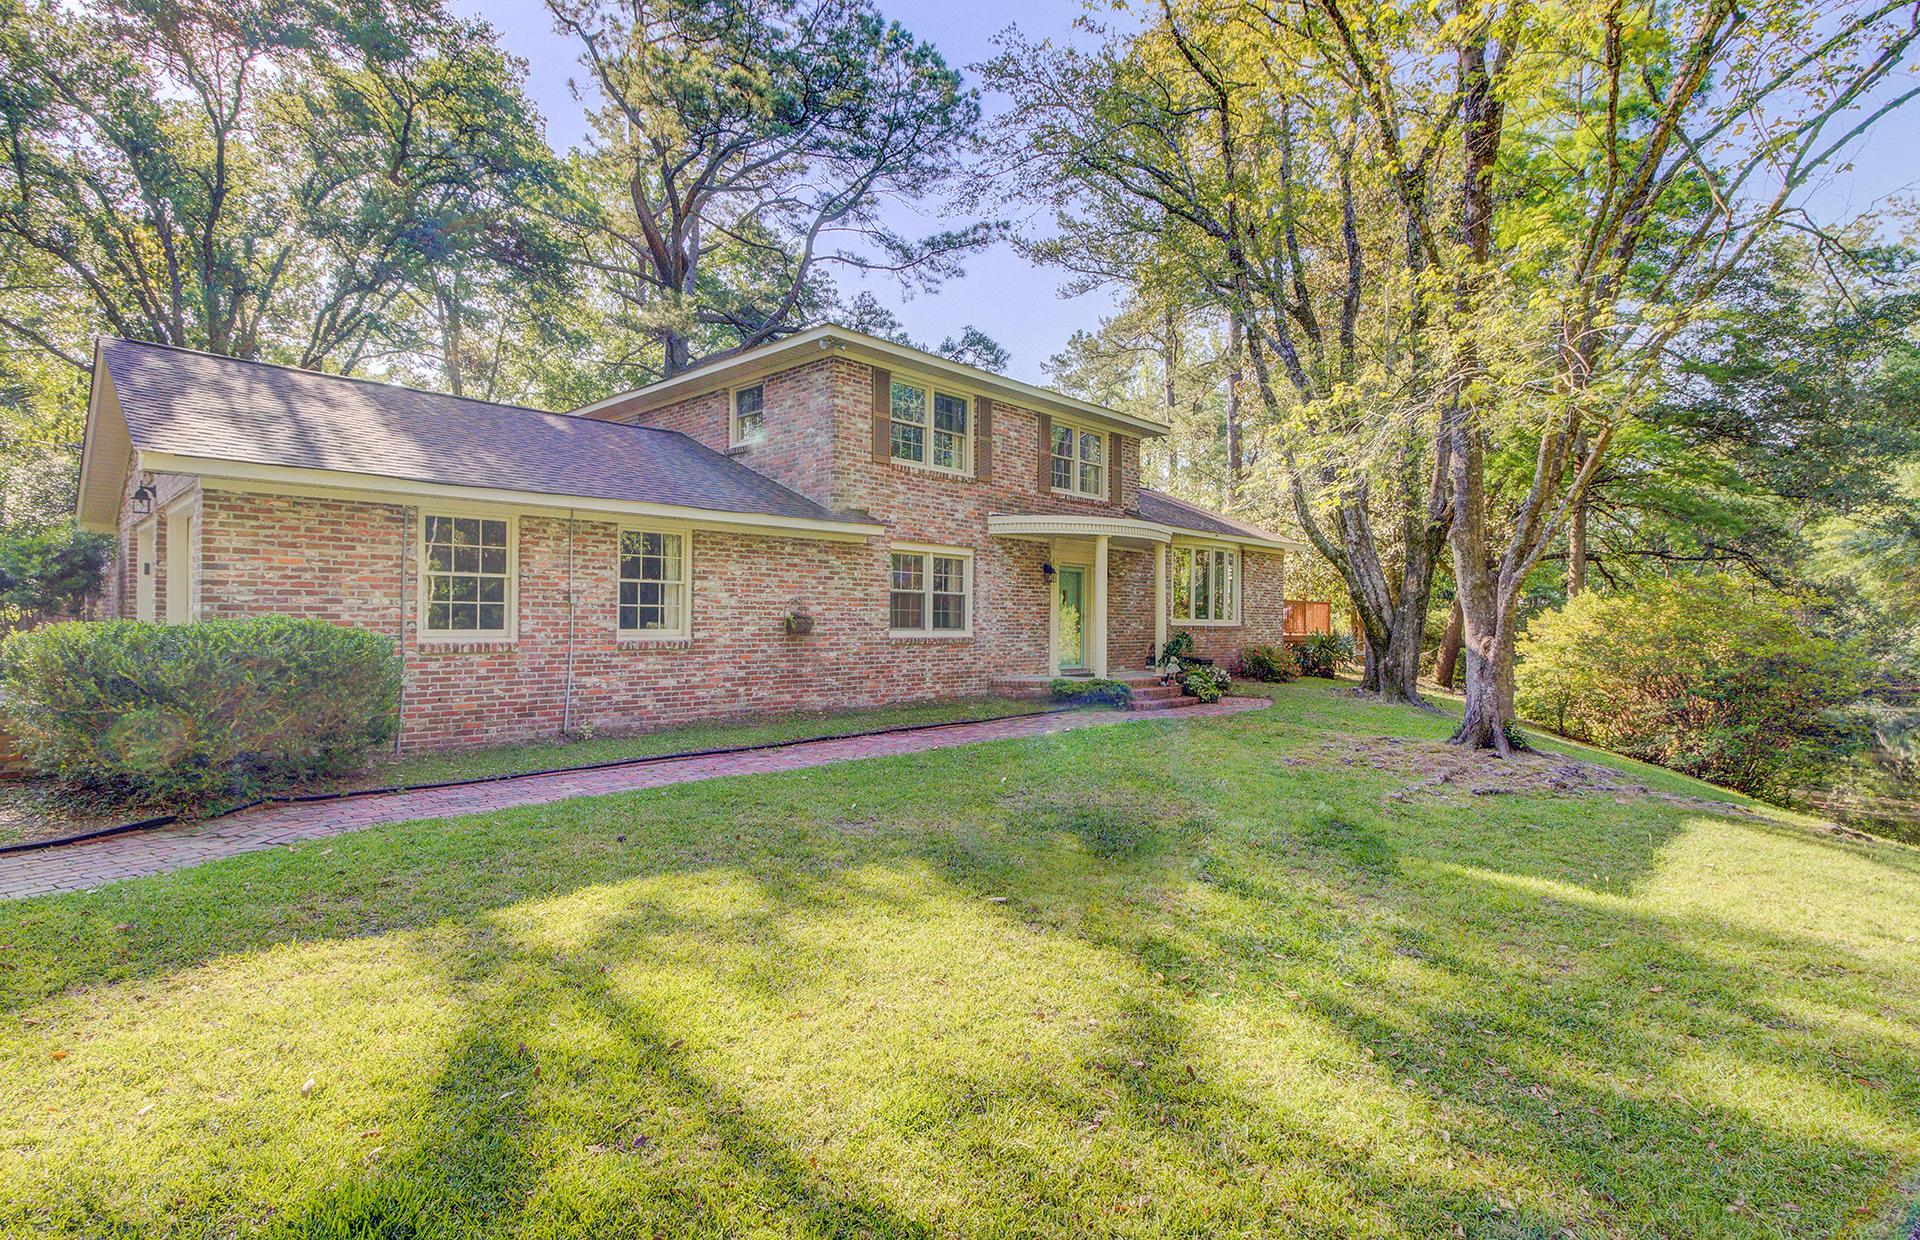 Pine Forest Inn Homes For Sale - 543 Simmons, Summerville, SC - 21